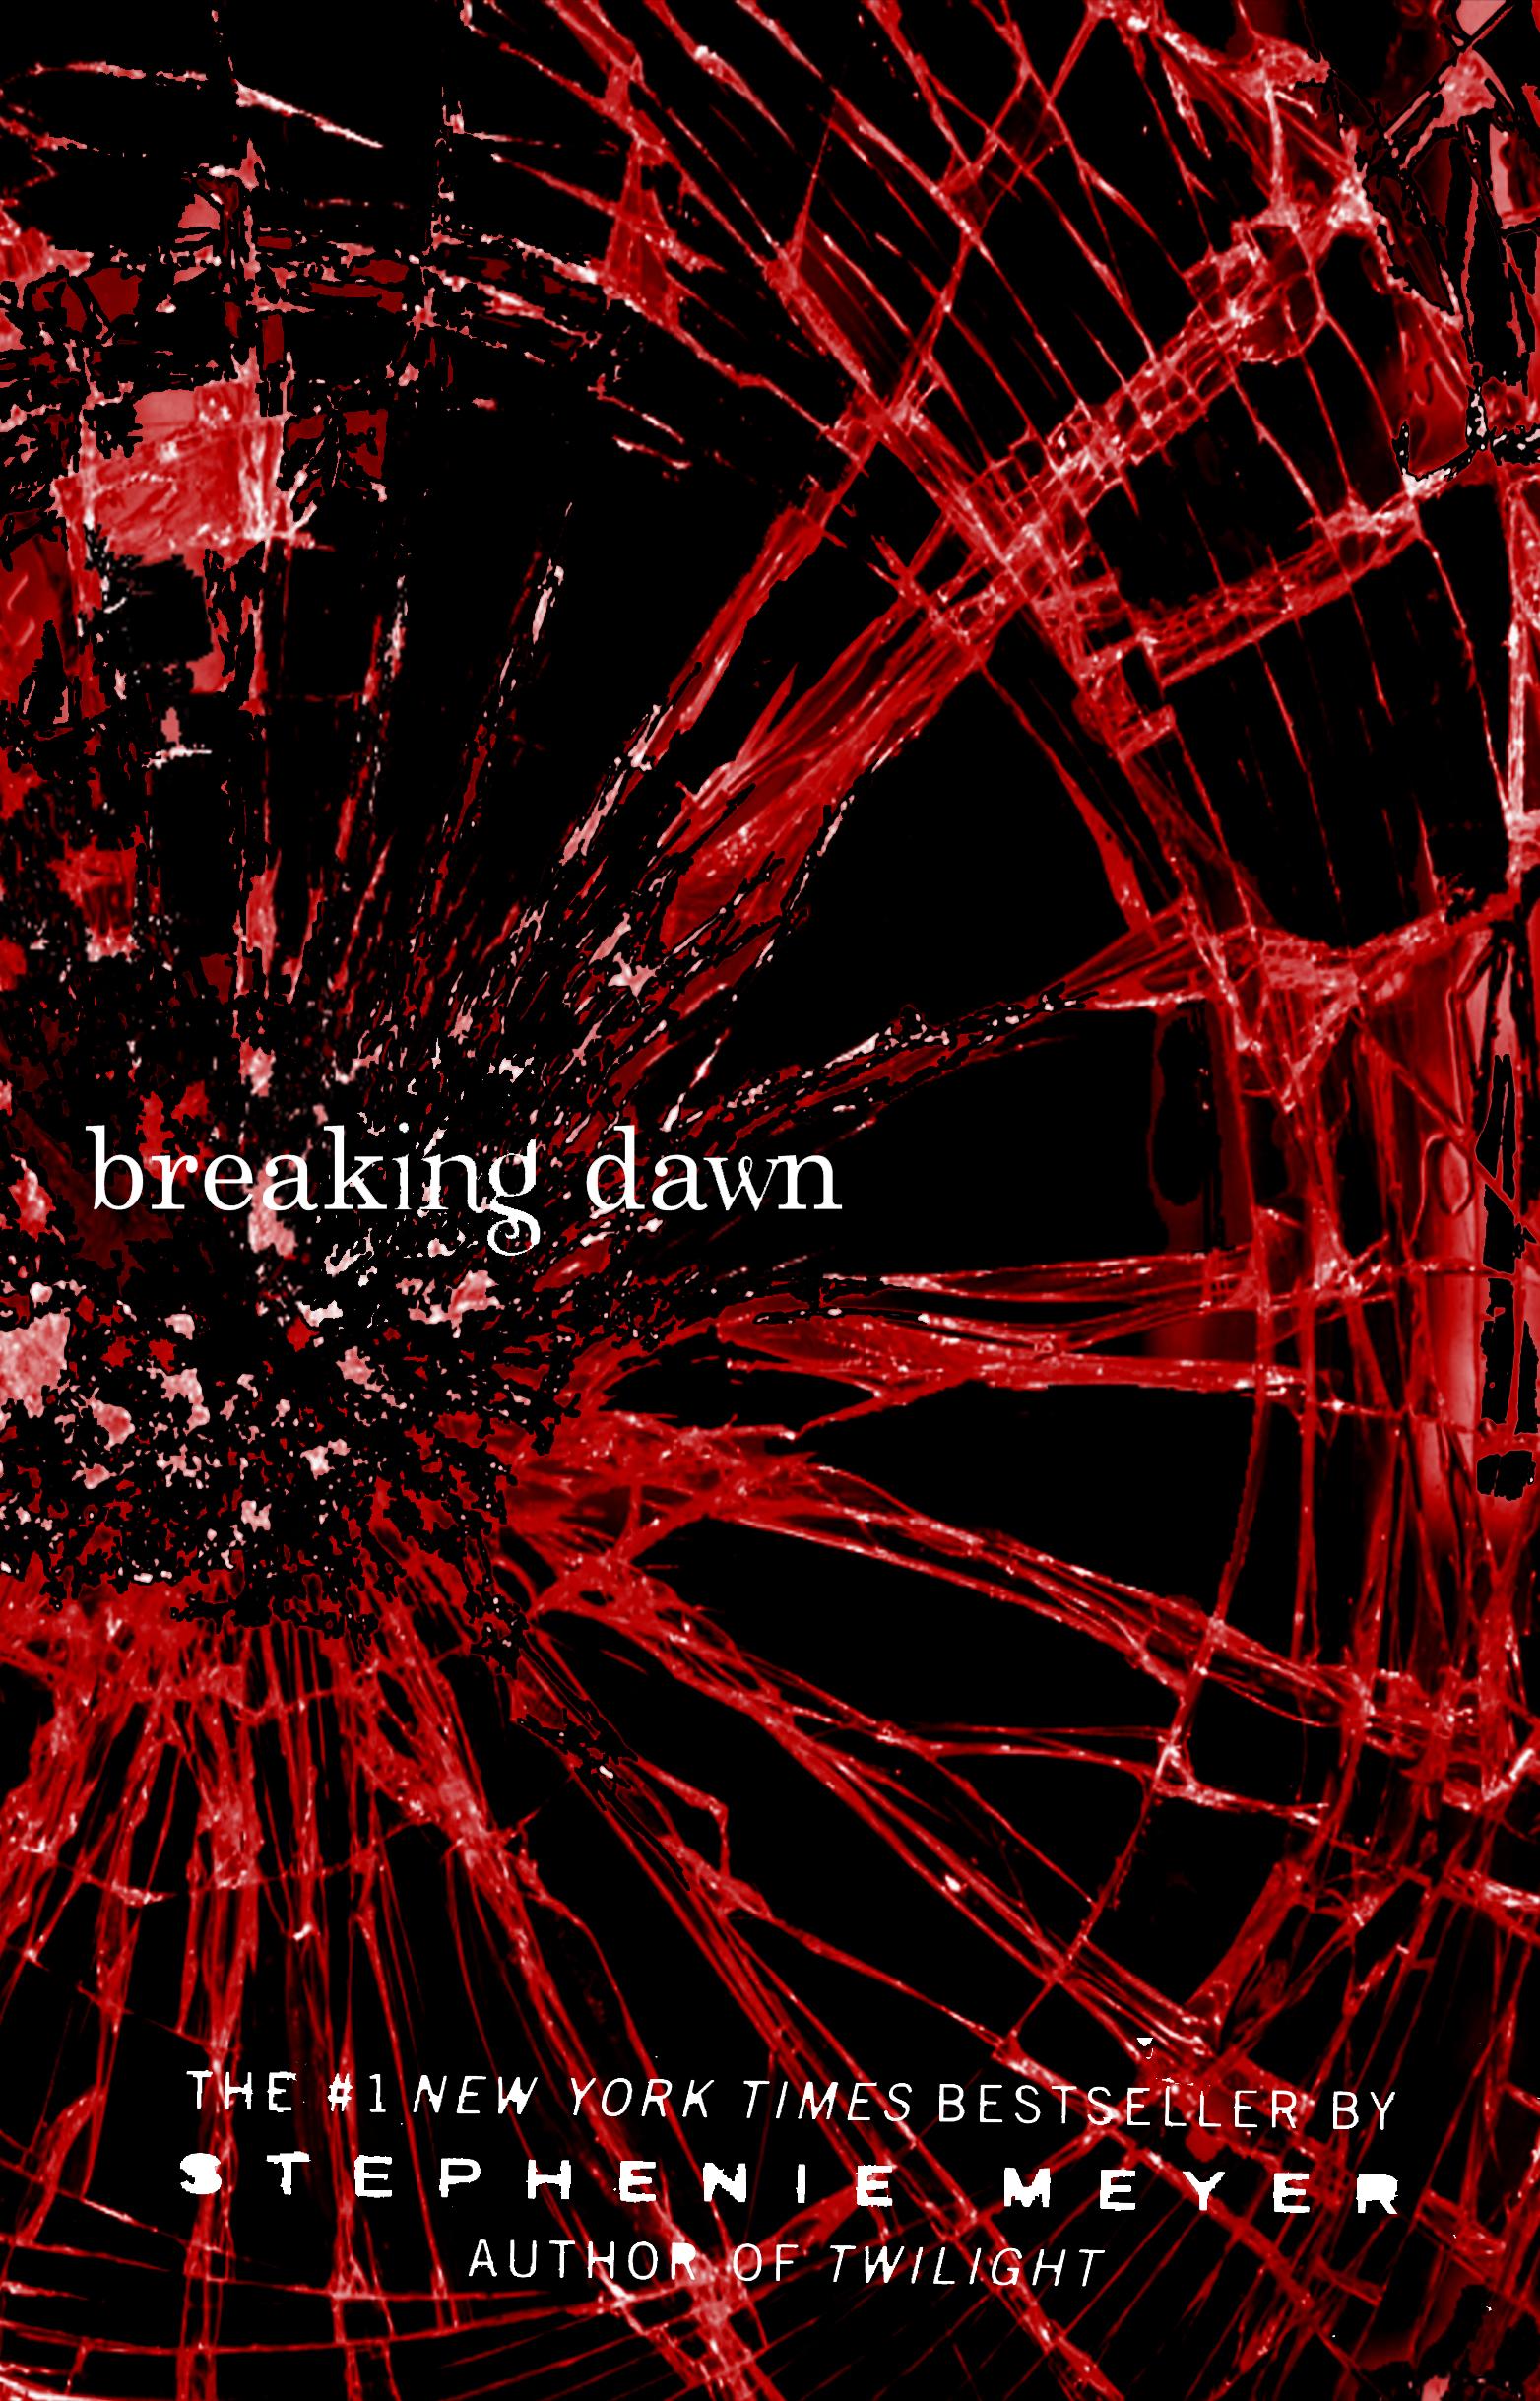 Breaking dawn cover fänn